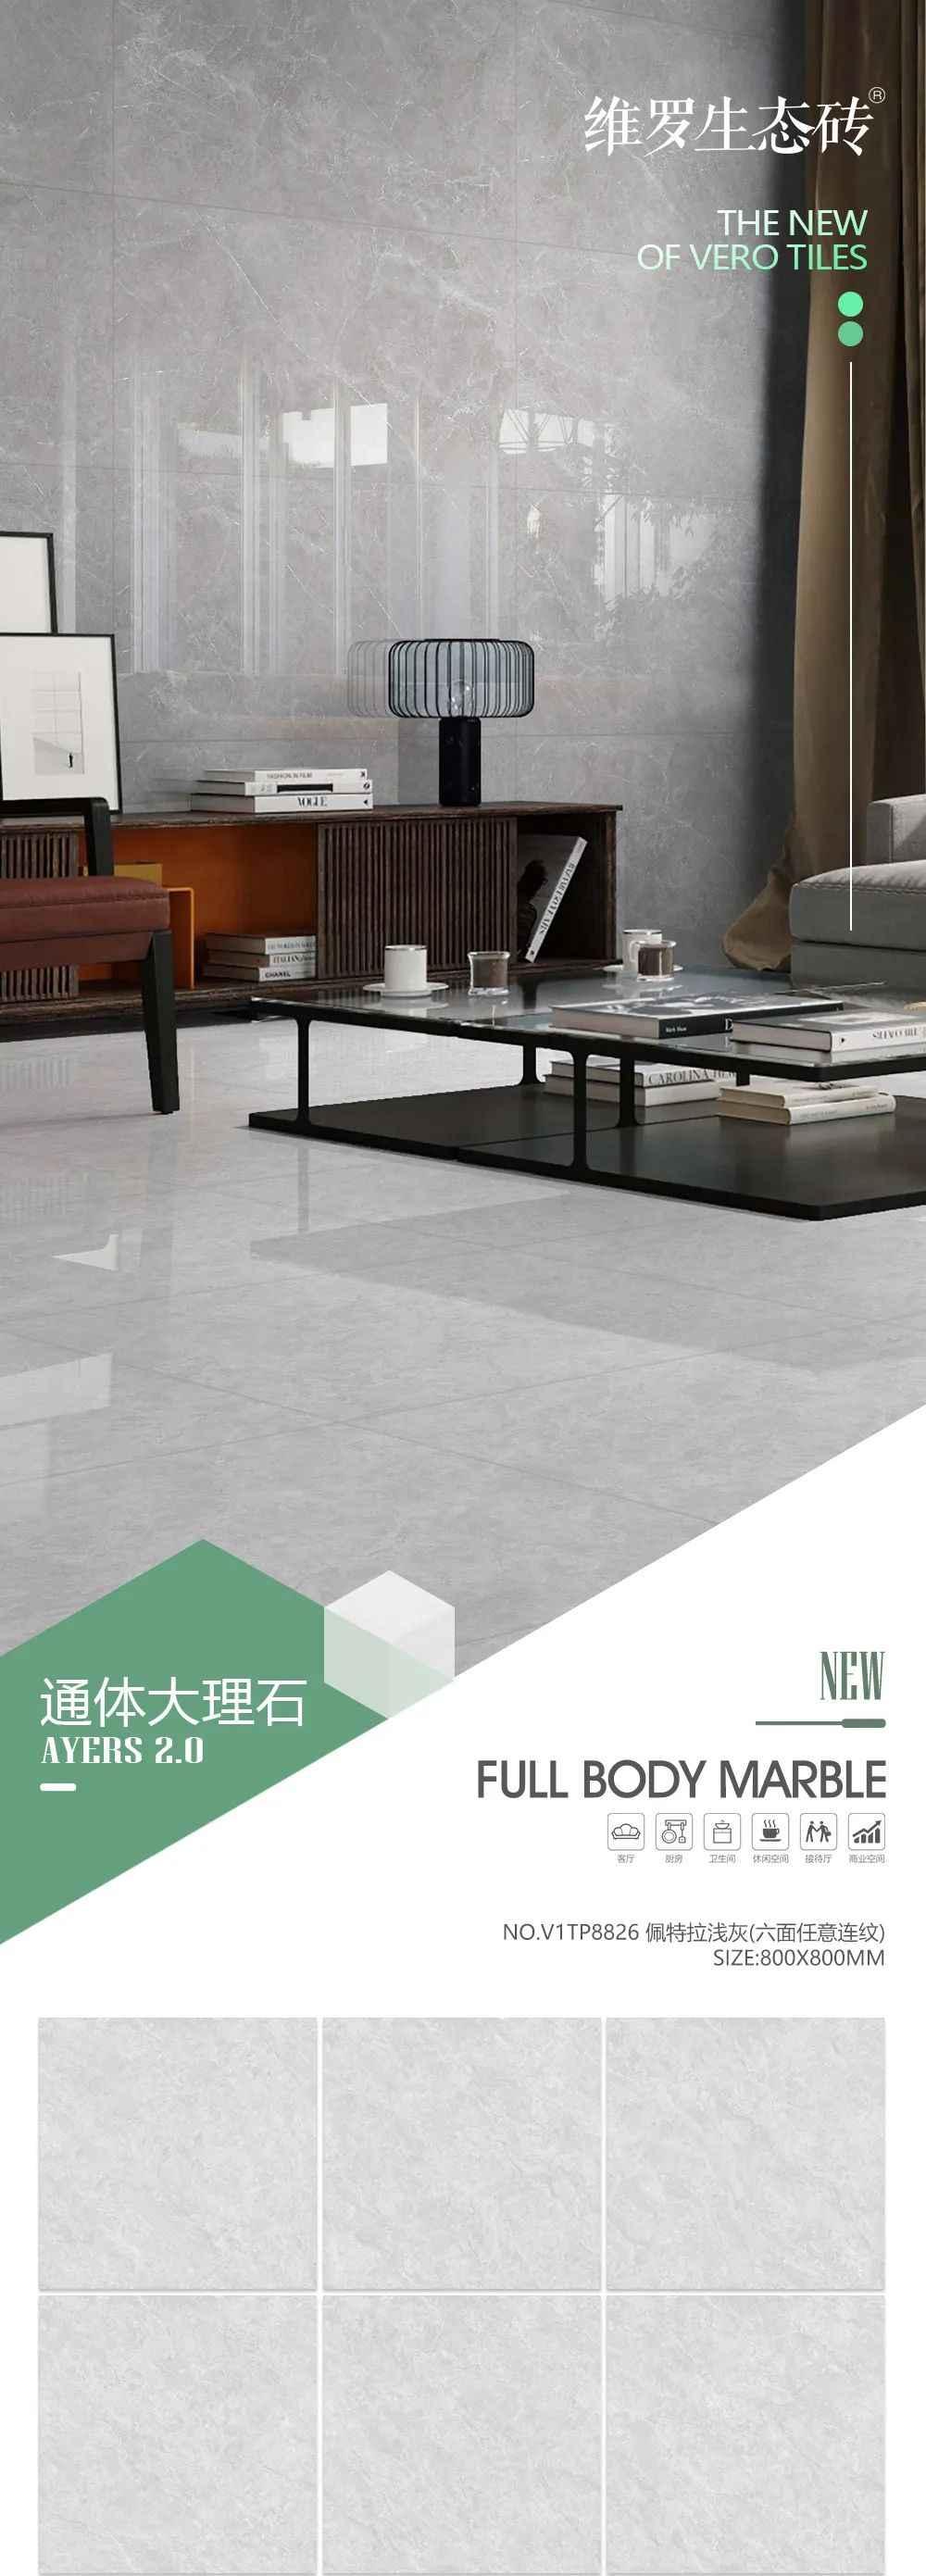 维罗生态砖新品 陶瓷装修效果图_7